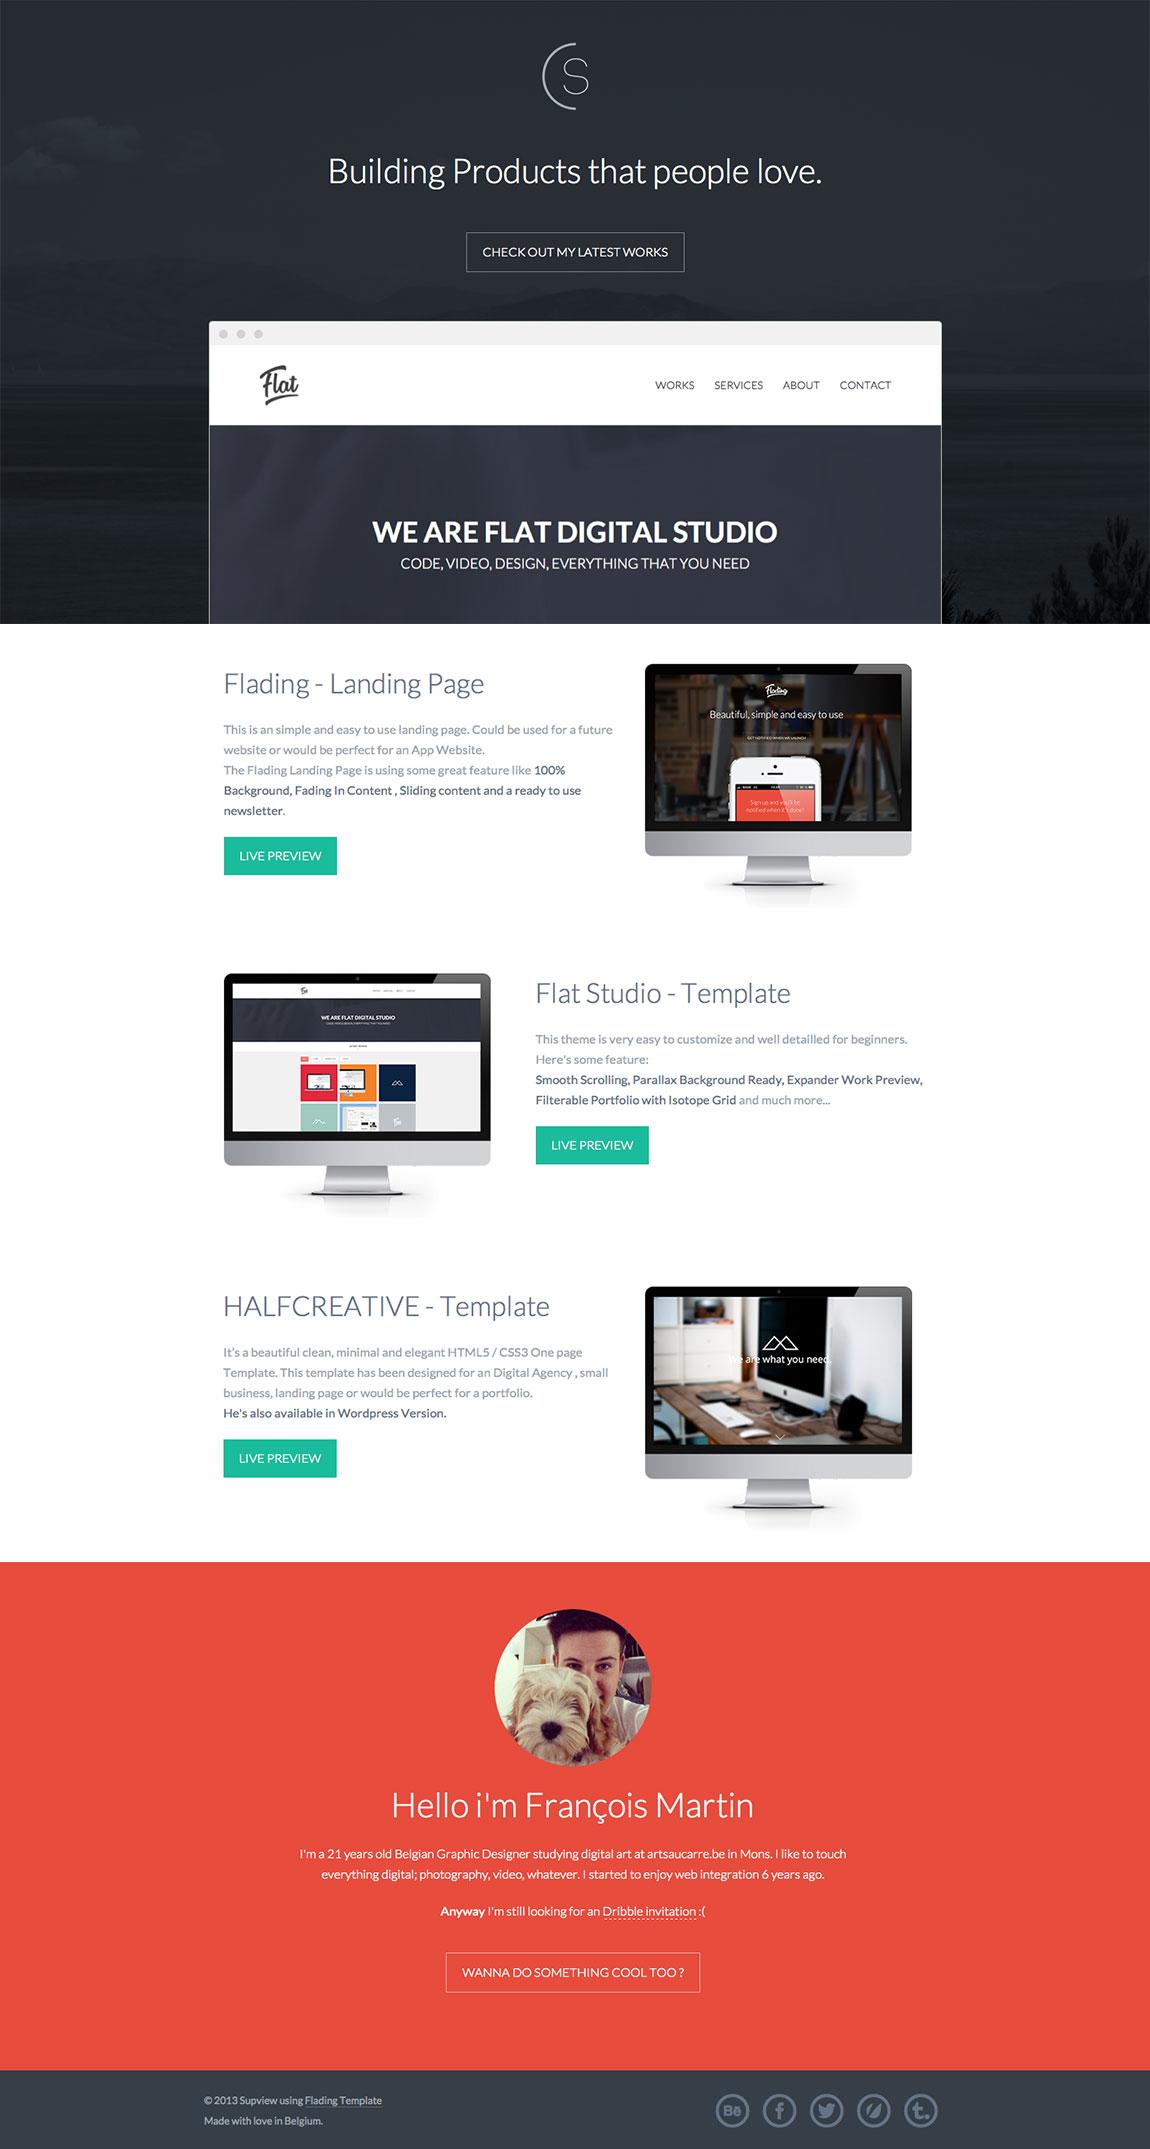 Supview – François Martin Website Screenshot